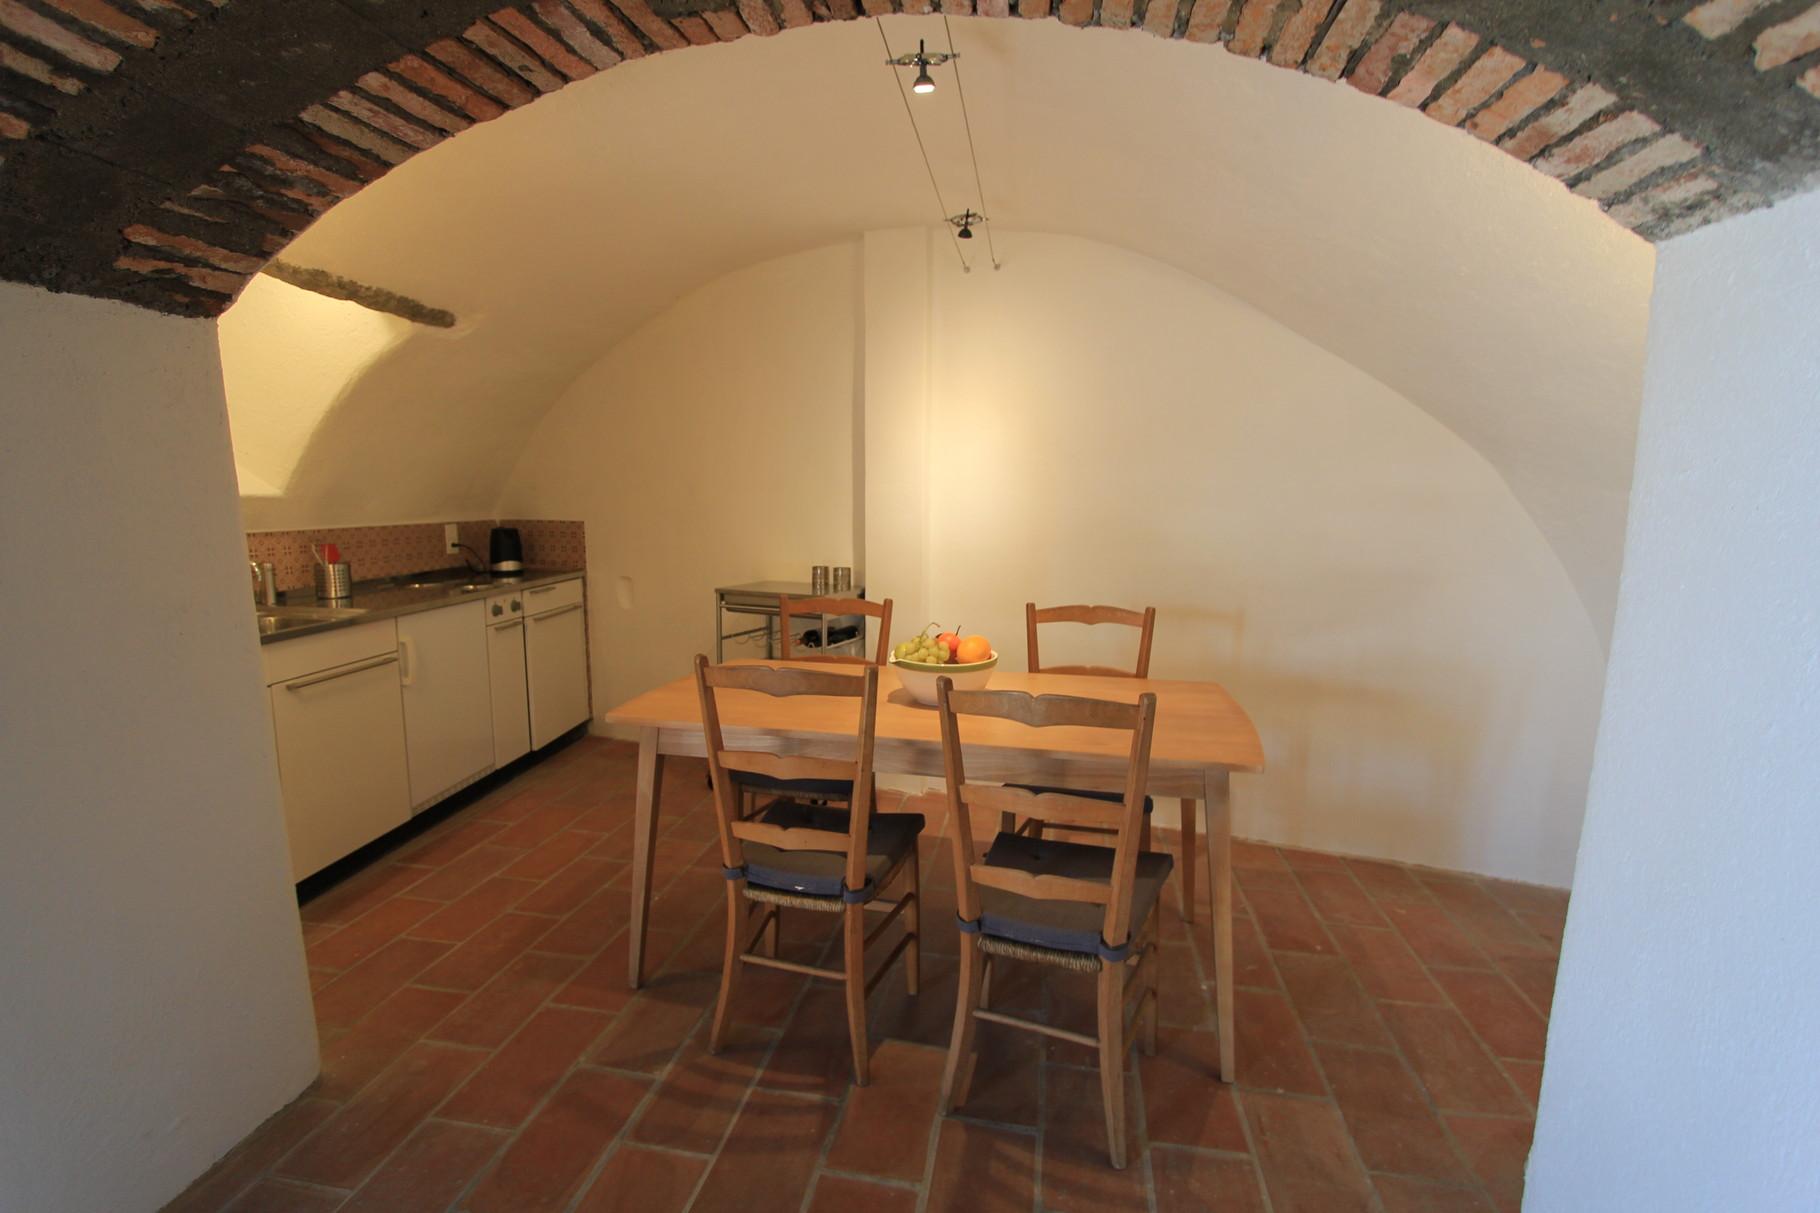 Die Küche im stimmungsvollen Kellergewölbe